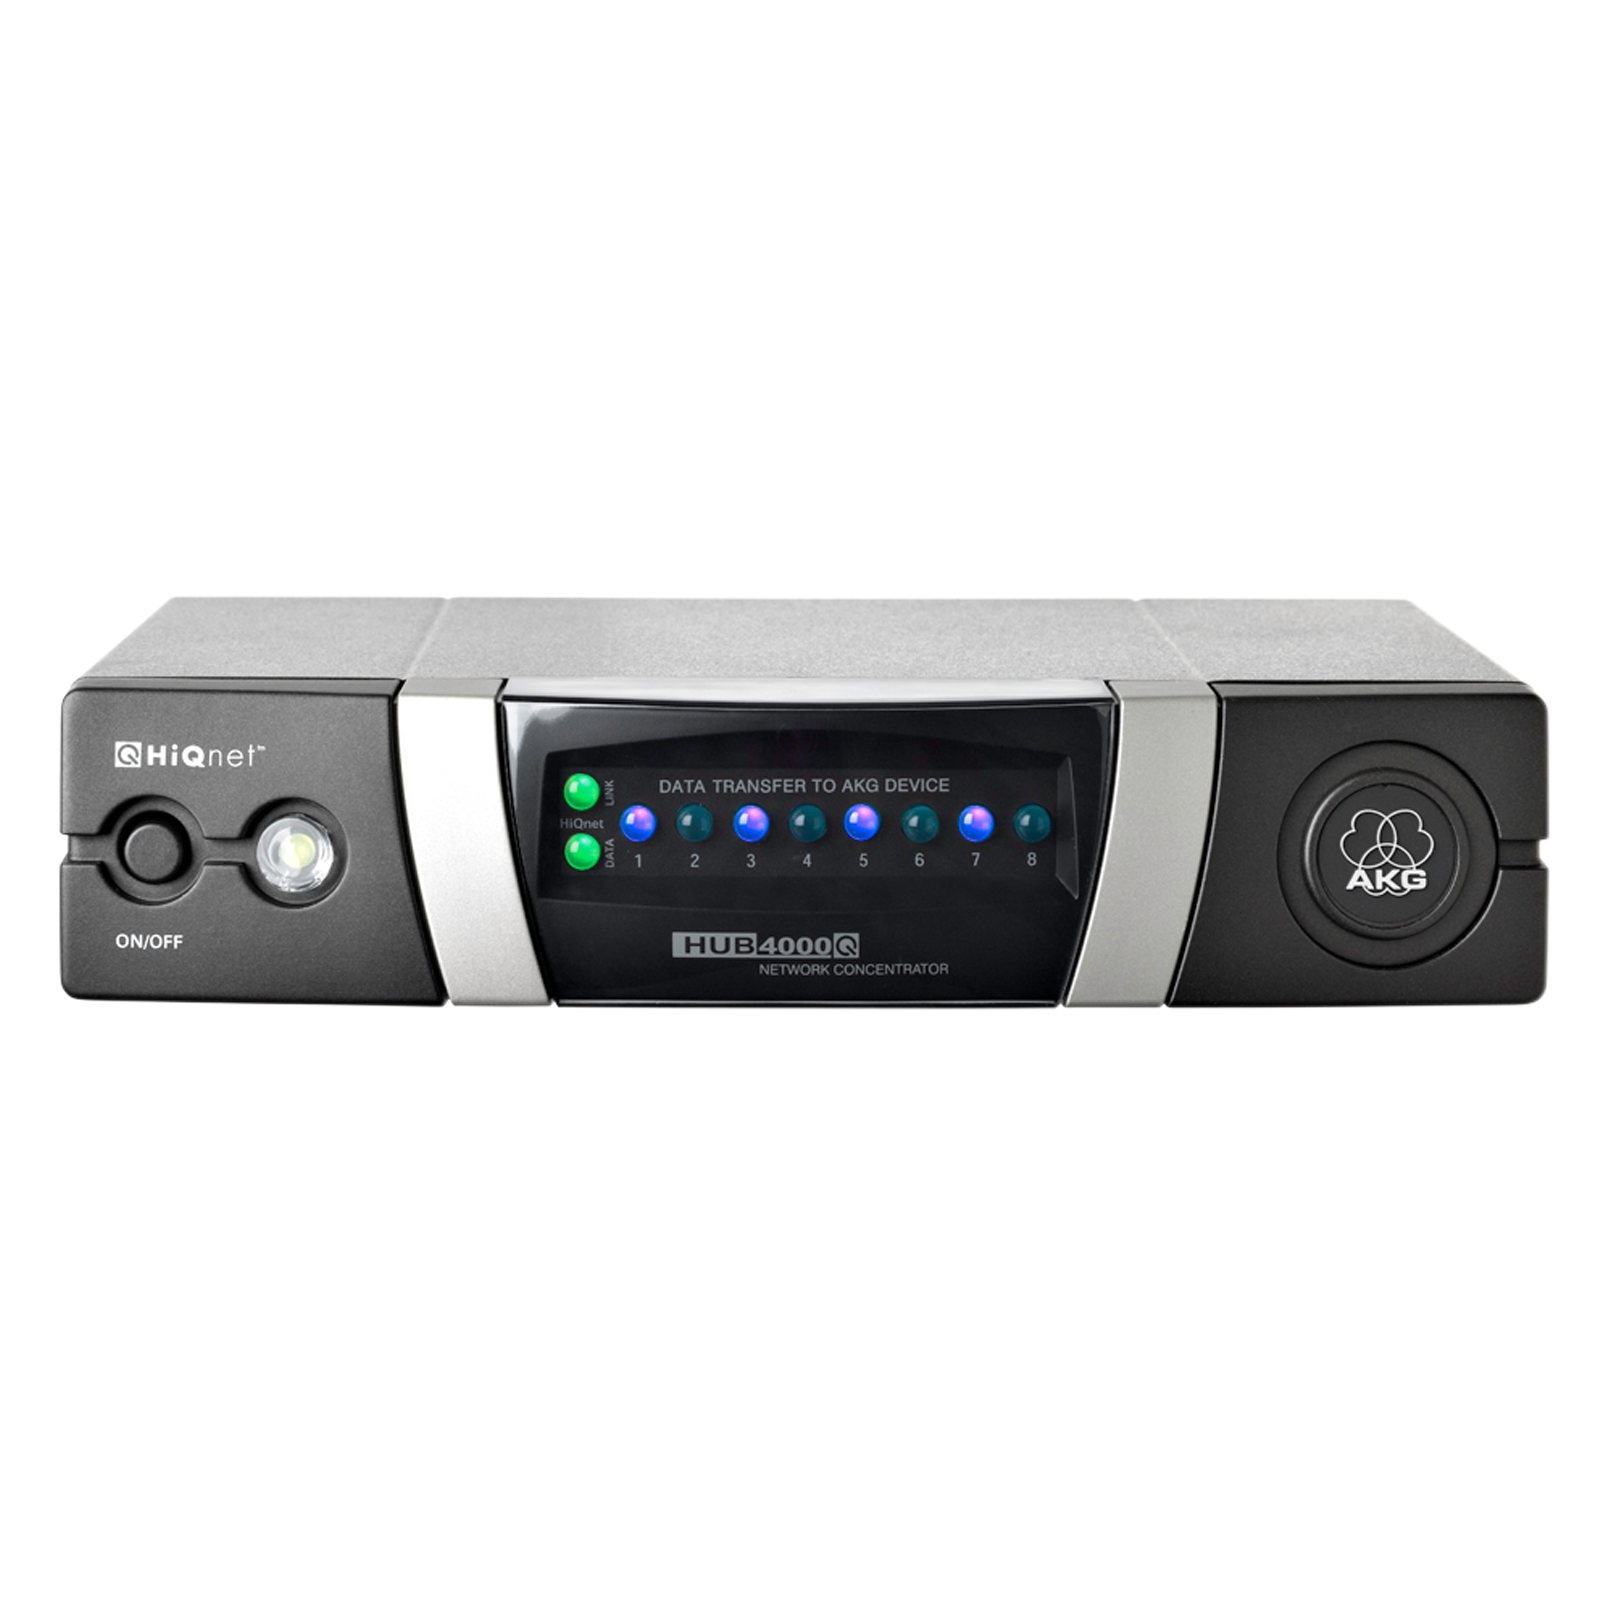 HUB 4000 Q - Black - HIQNET ethernet interface - Hero